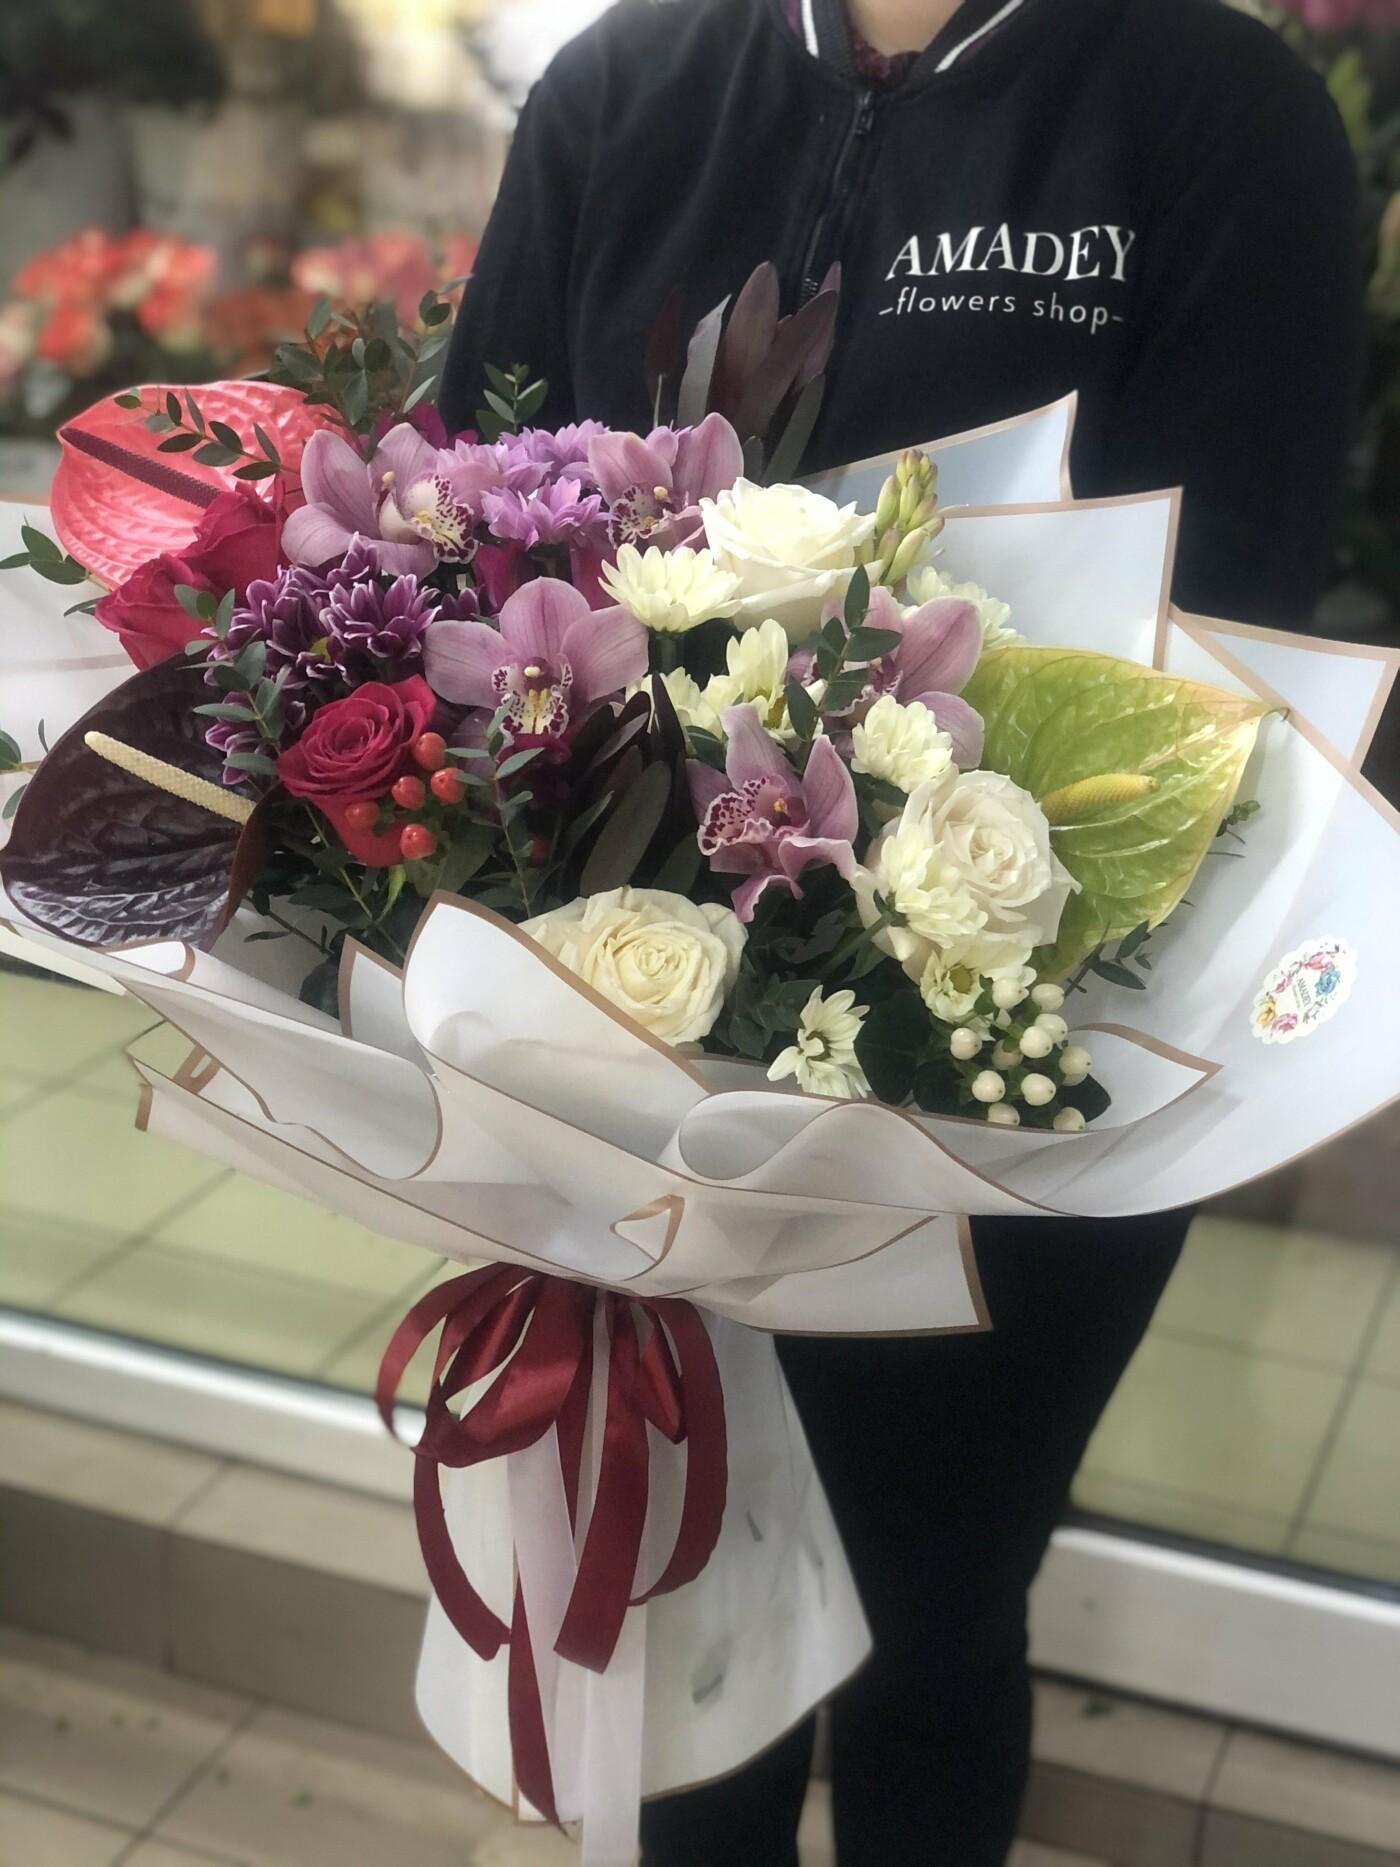 Завжди готові дивувати лозівчан: креативні букети у квітковому салоні «Amadey flowers» , фото-4